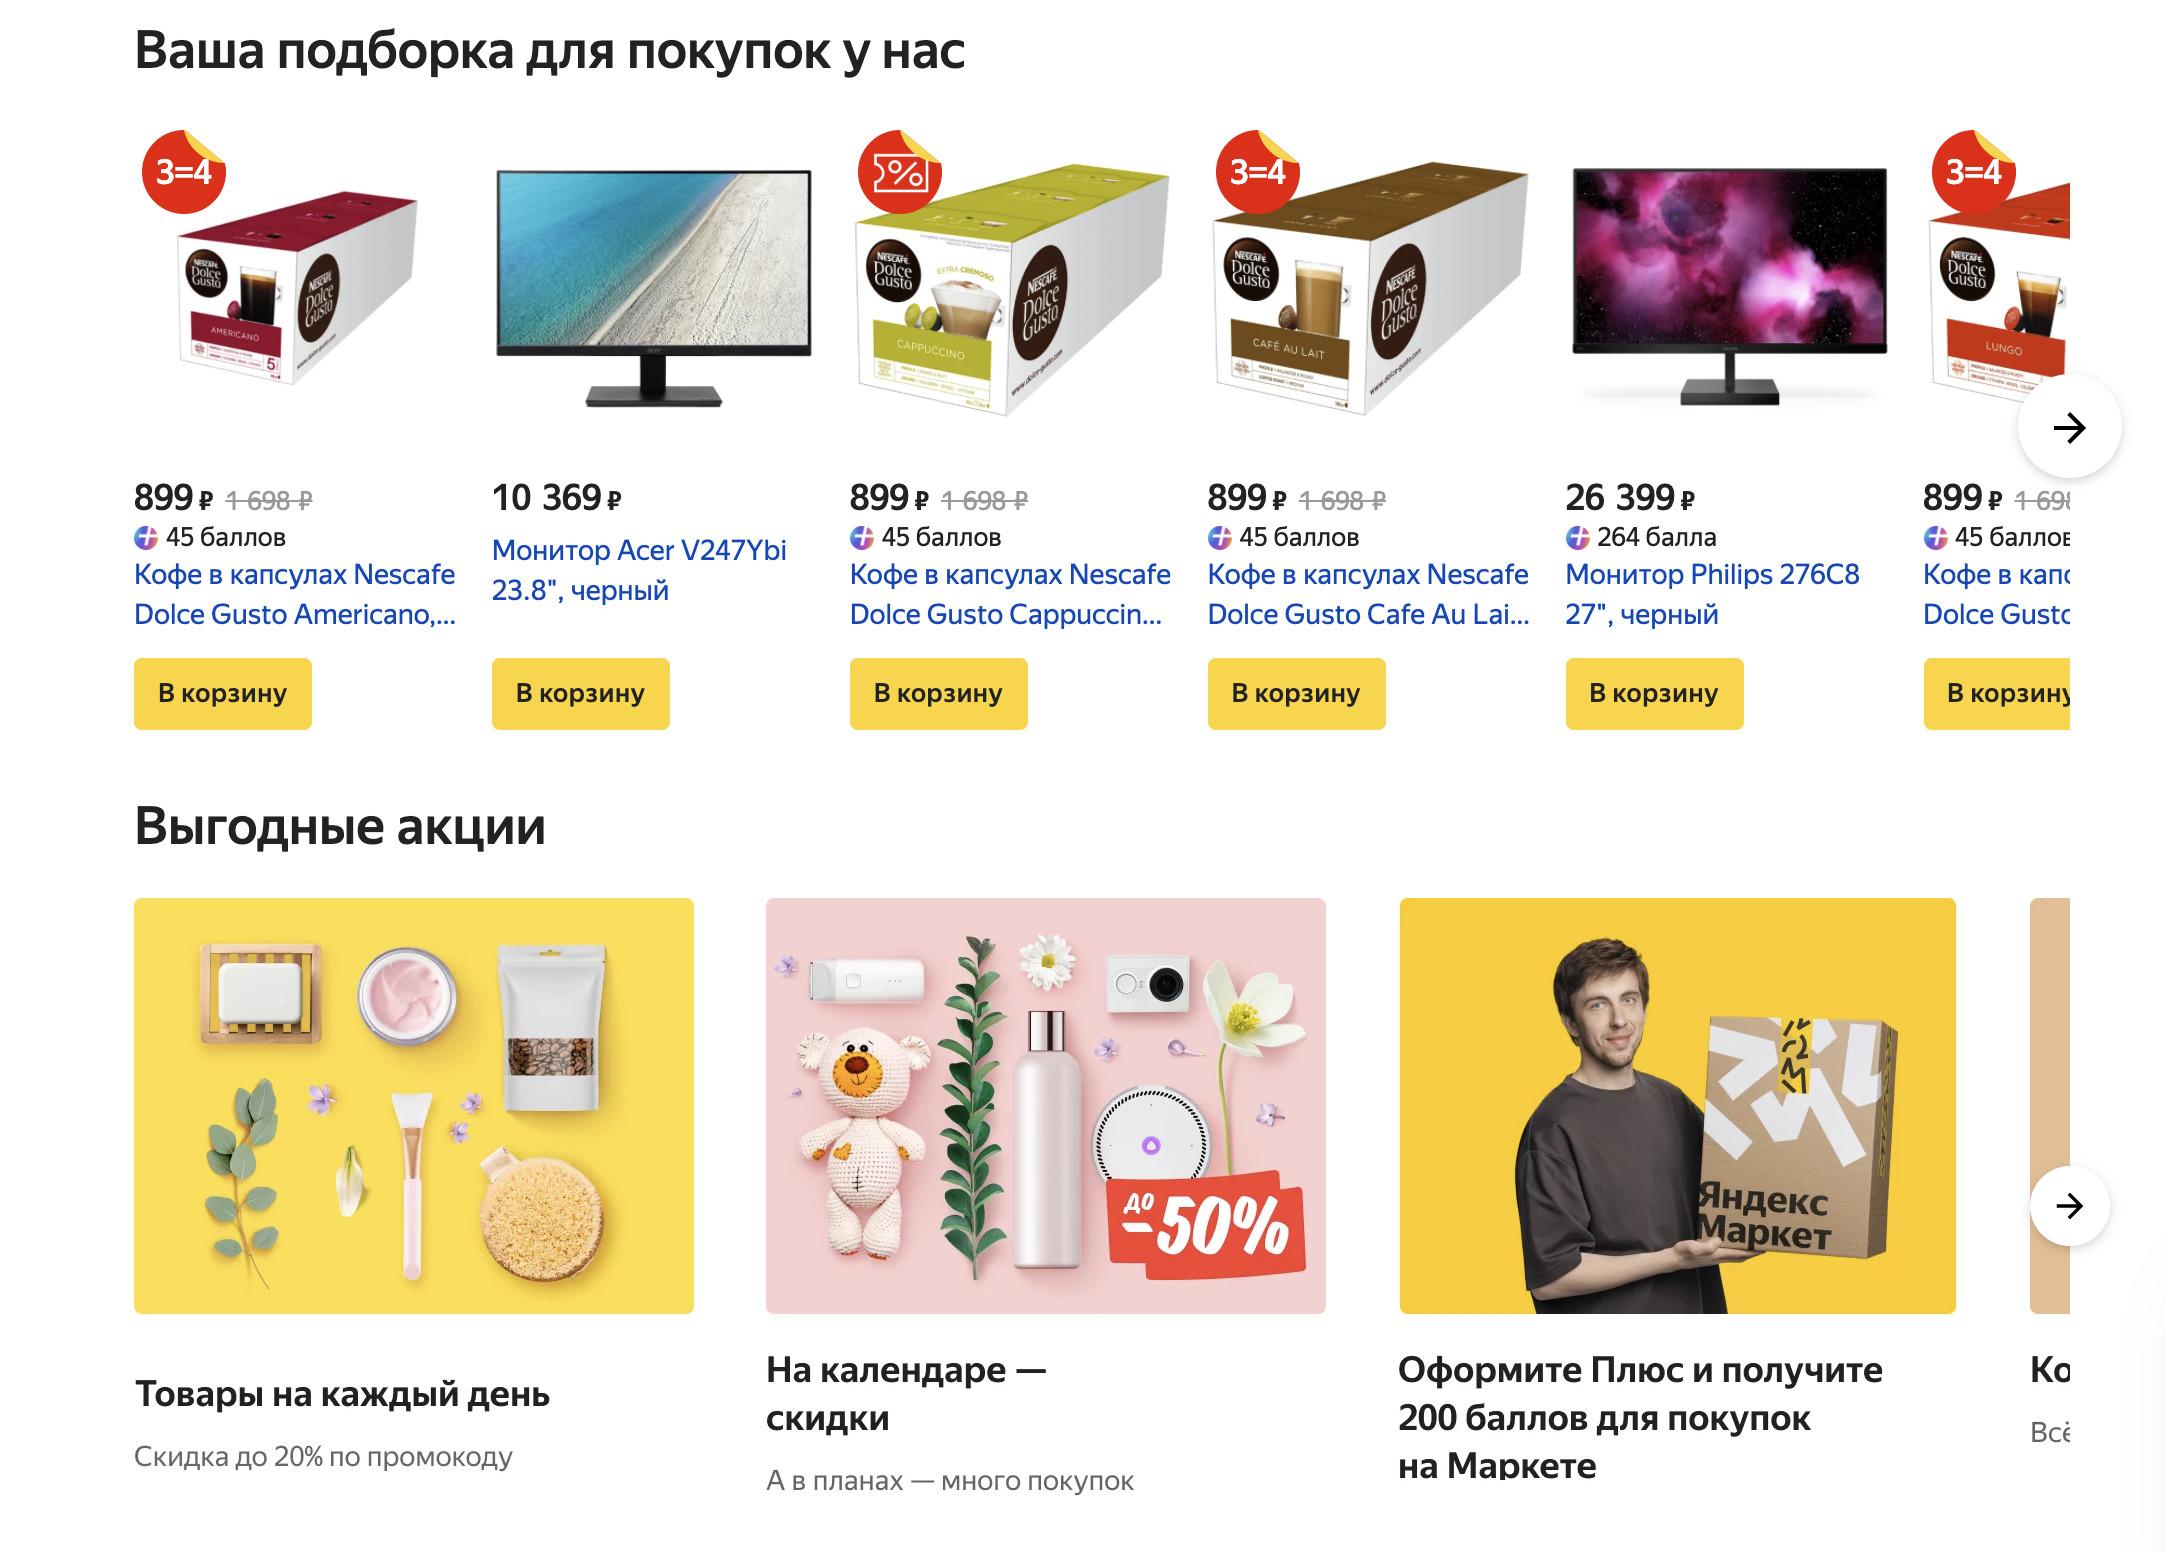 Доставка из Яндекс.Маркет в Тульскую область, сроки, пункты выдачи, каталог